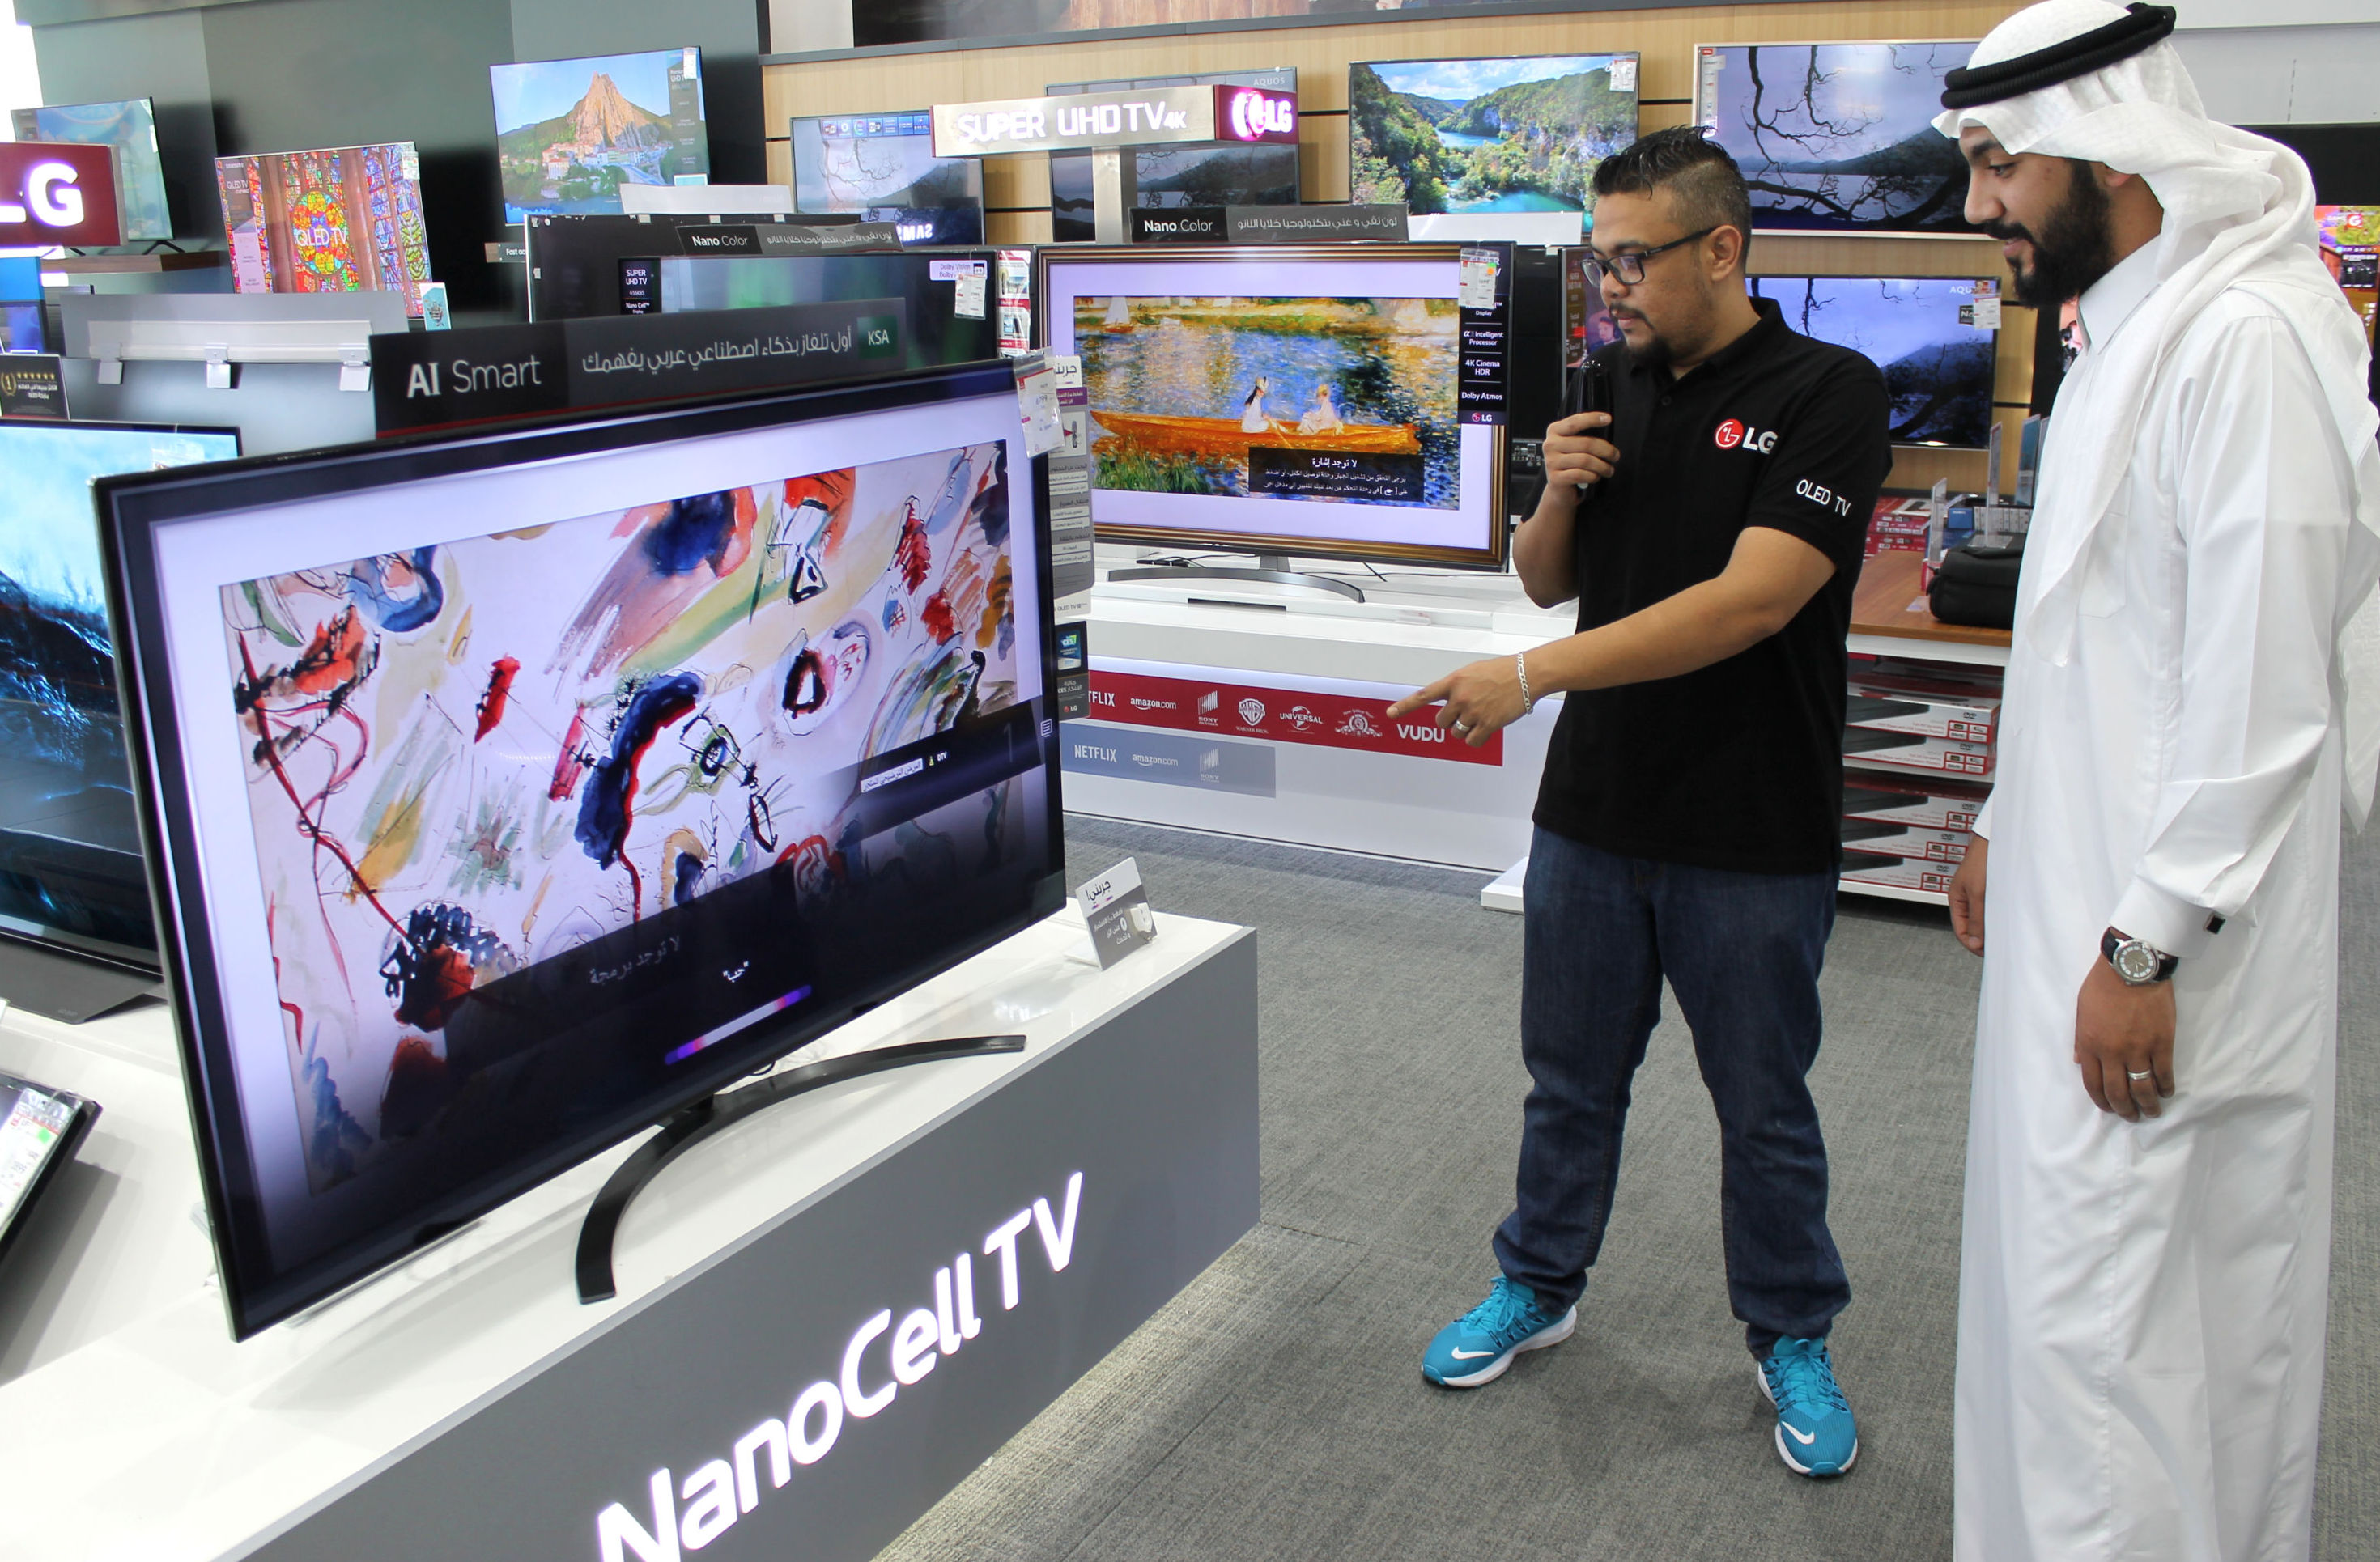 사우디아라비아 제다 소재 전자매장에서 고객이 아랍어 음성 명령으로 LG 인공지능 TV의 인공지능 기능을 체험하고 있다.